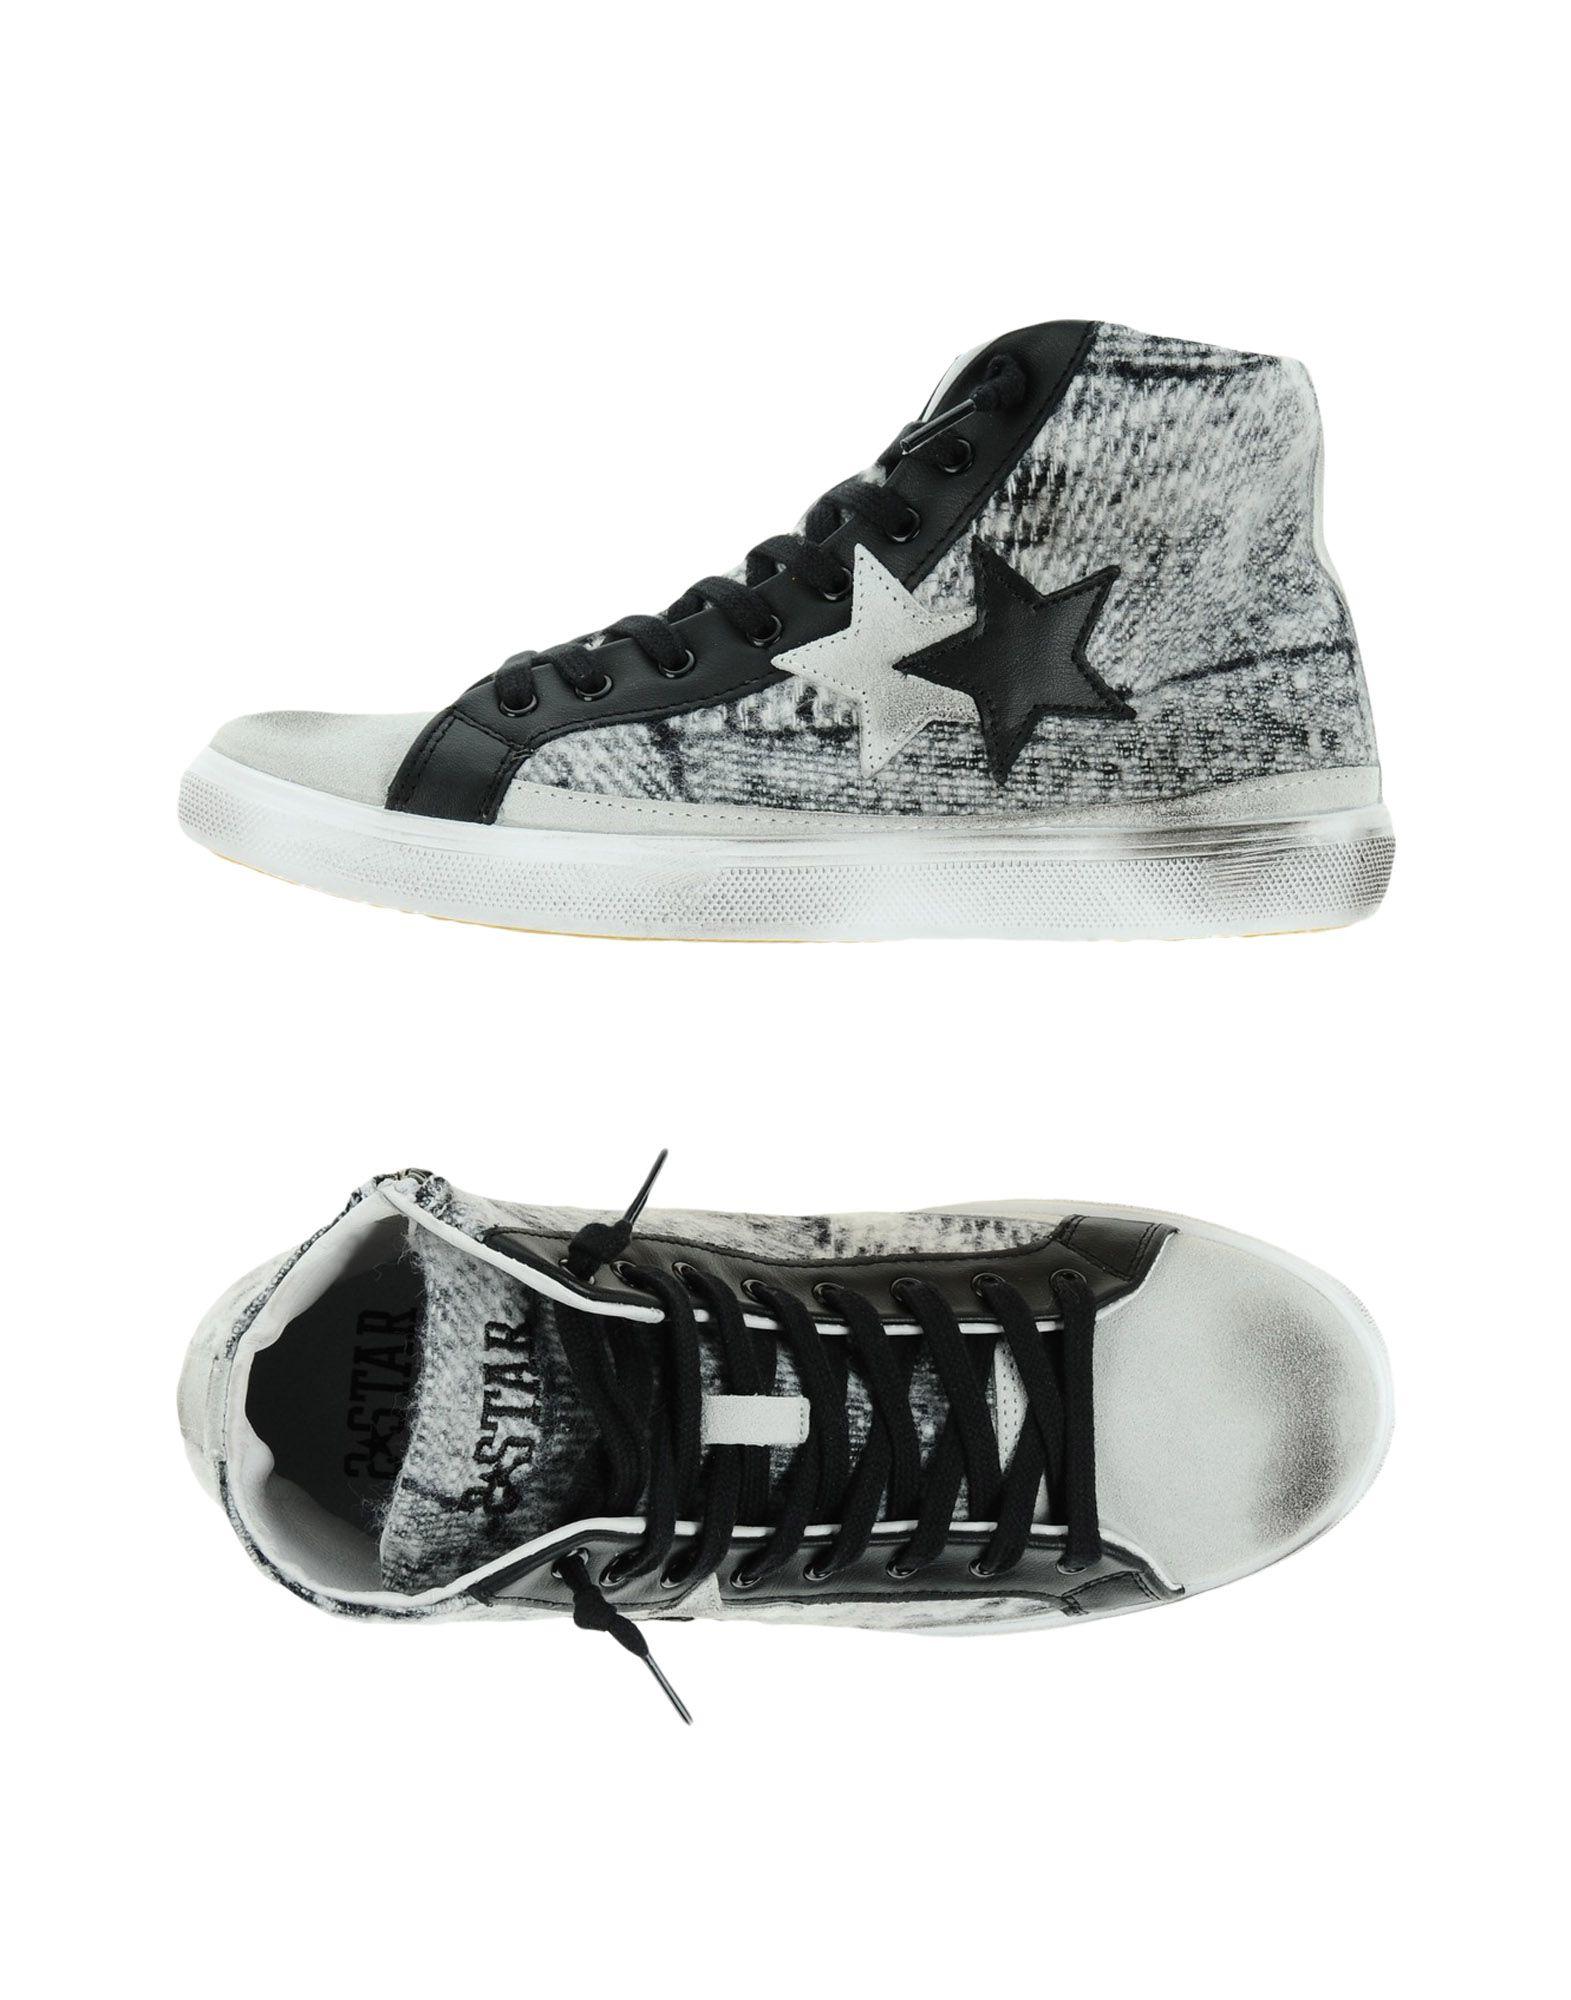 Sneakers 2Star Uomo - 11336727RP Scarpe economiche e buone